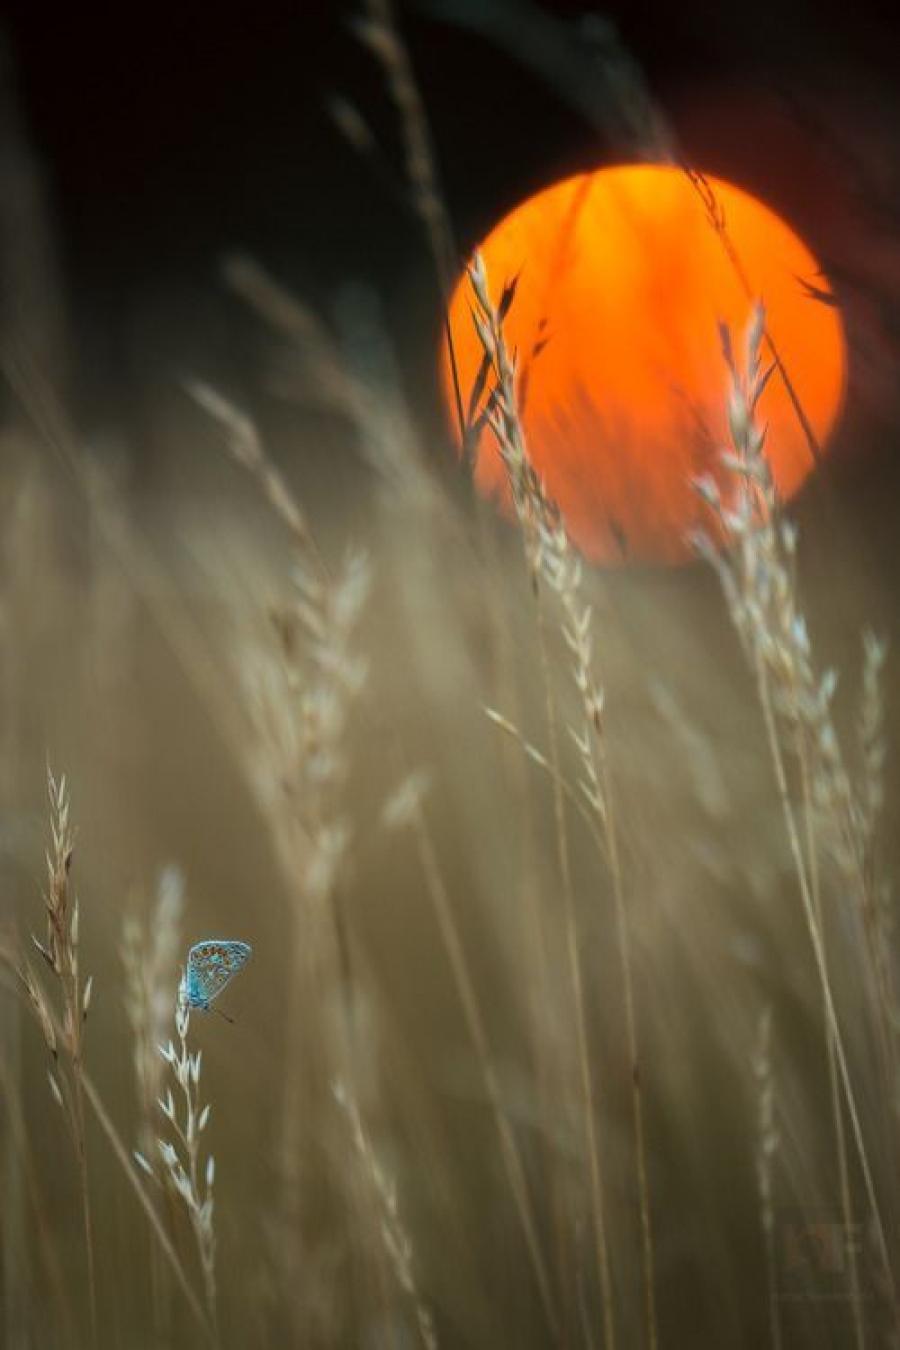 outdoors nature blur summer wheat light fall bright flower water grass